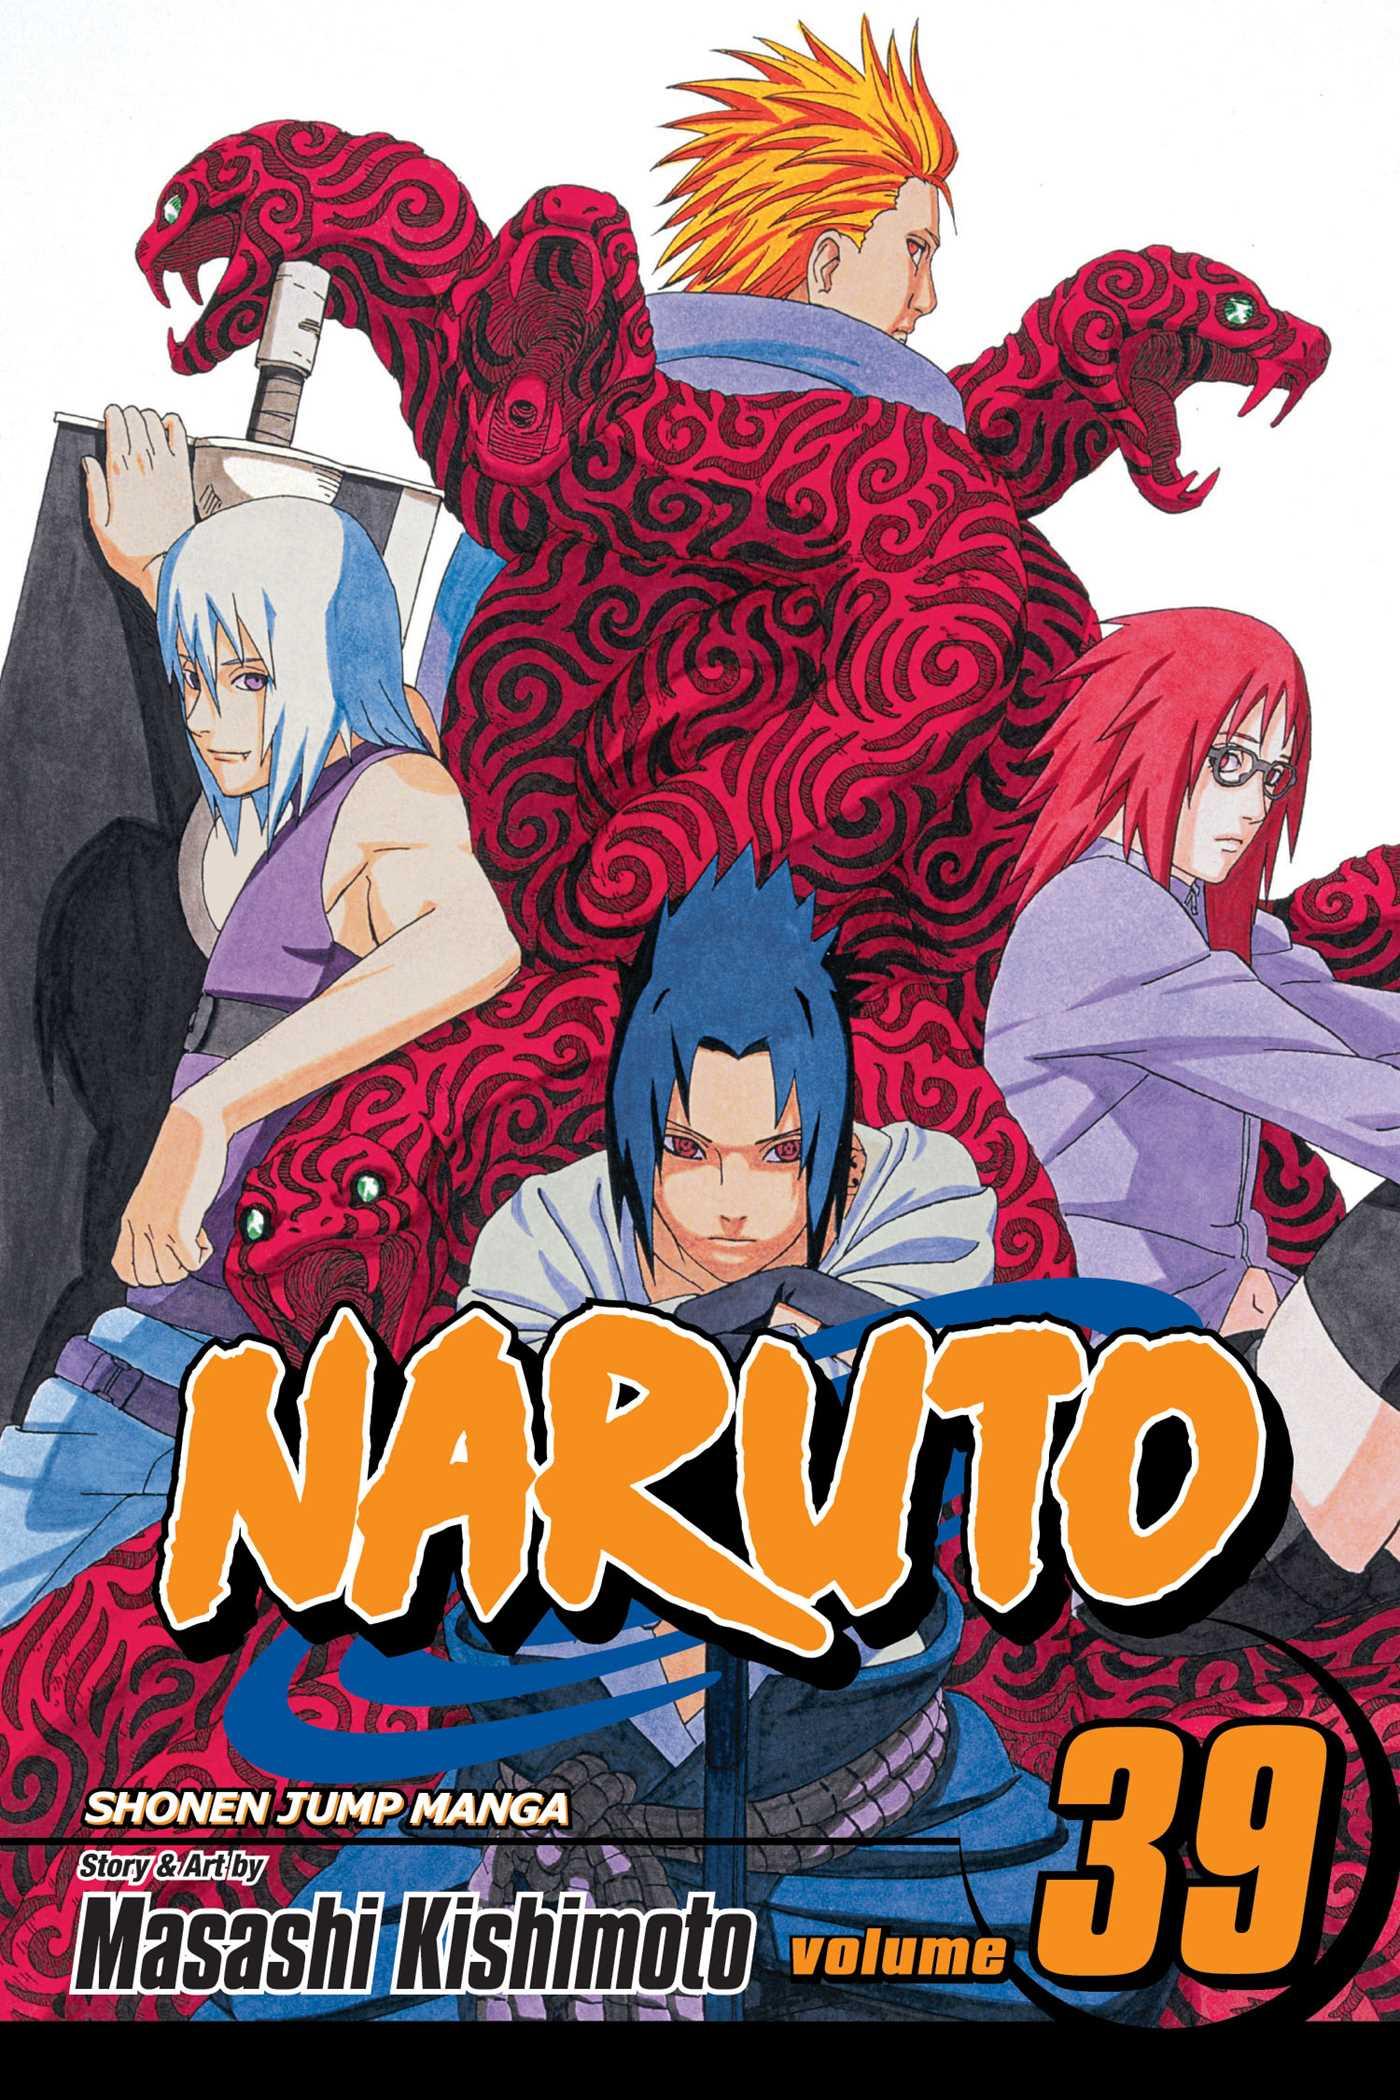 Naruto, Vol  39 | Book by Masashi Kishimoto | Official